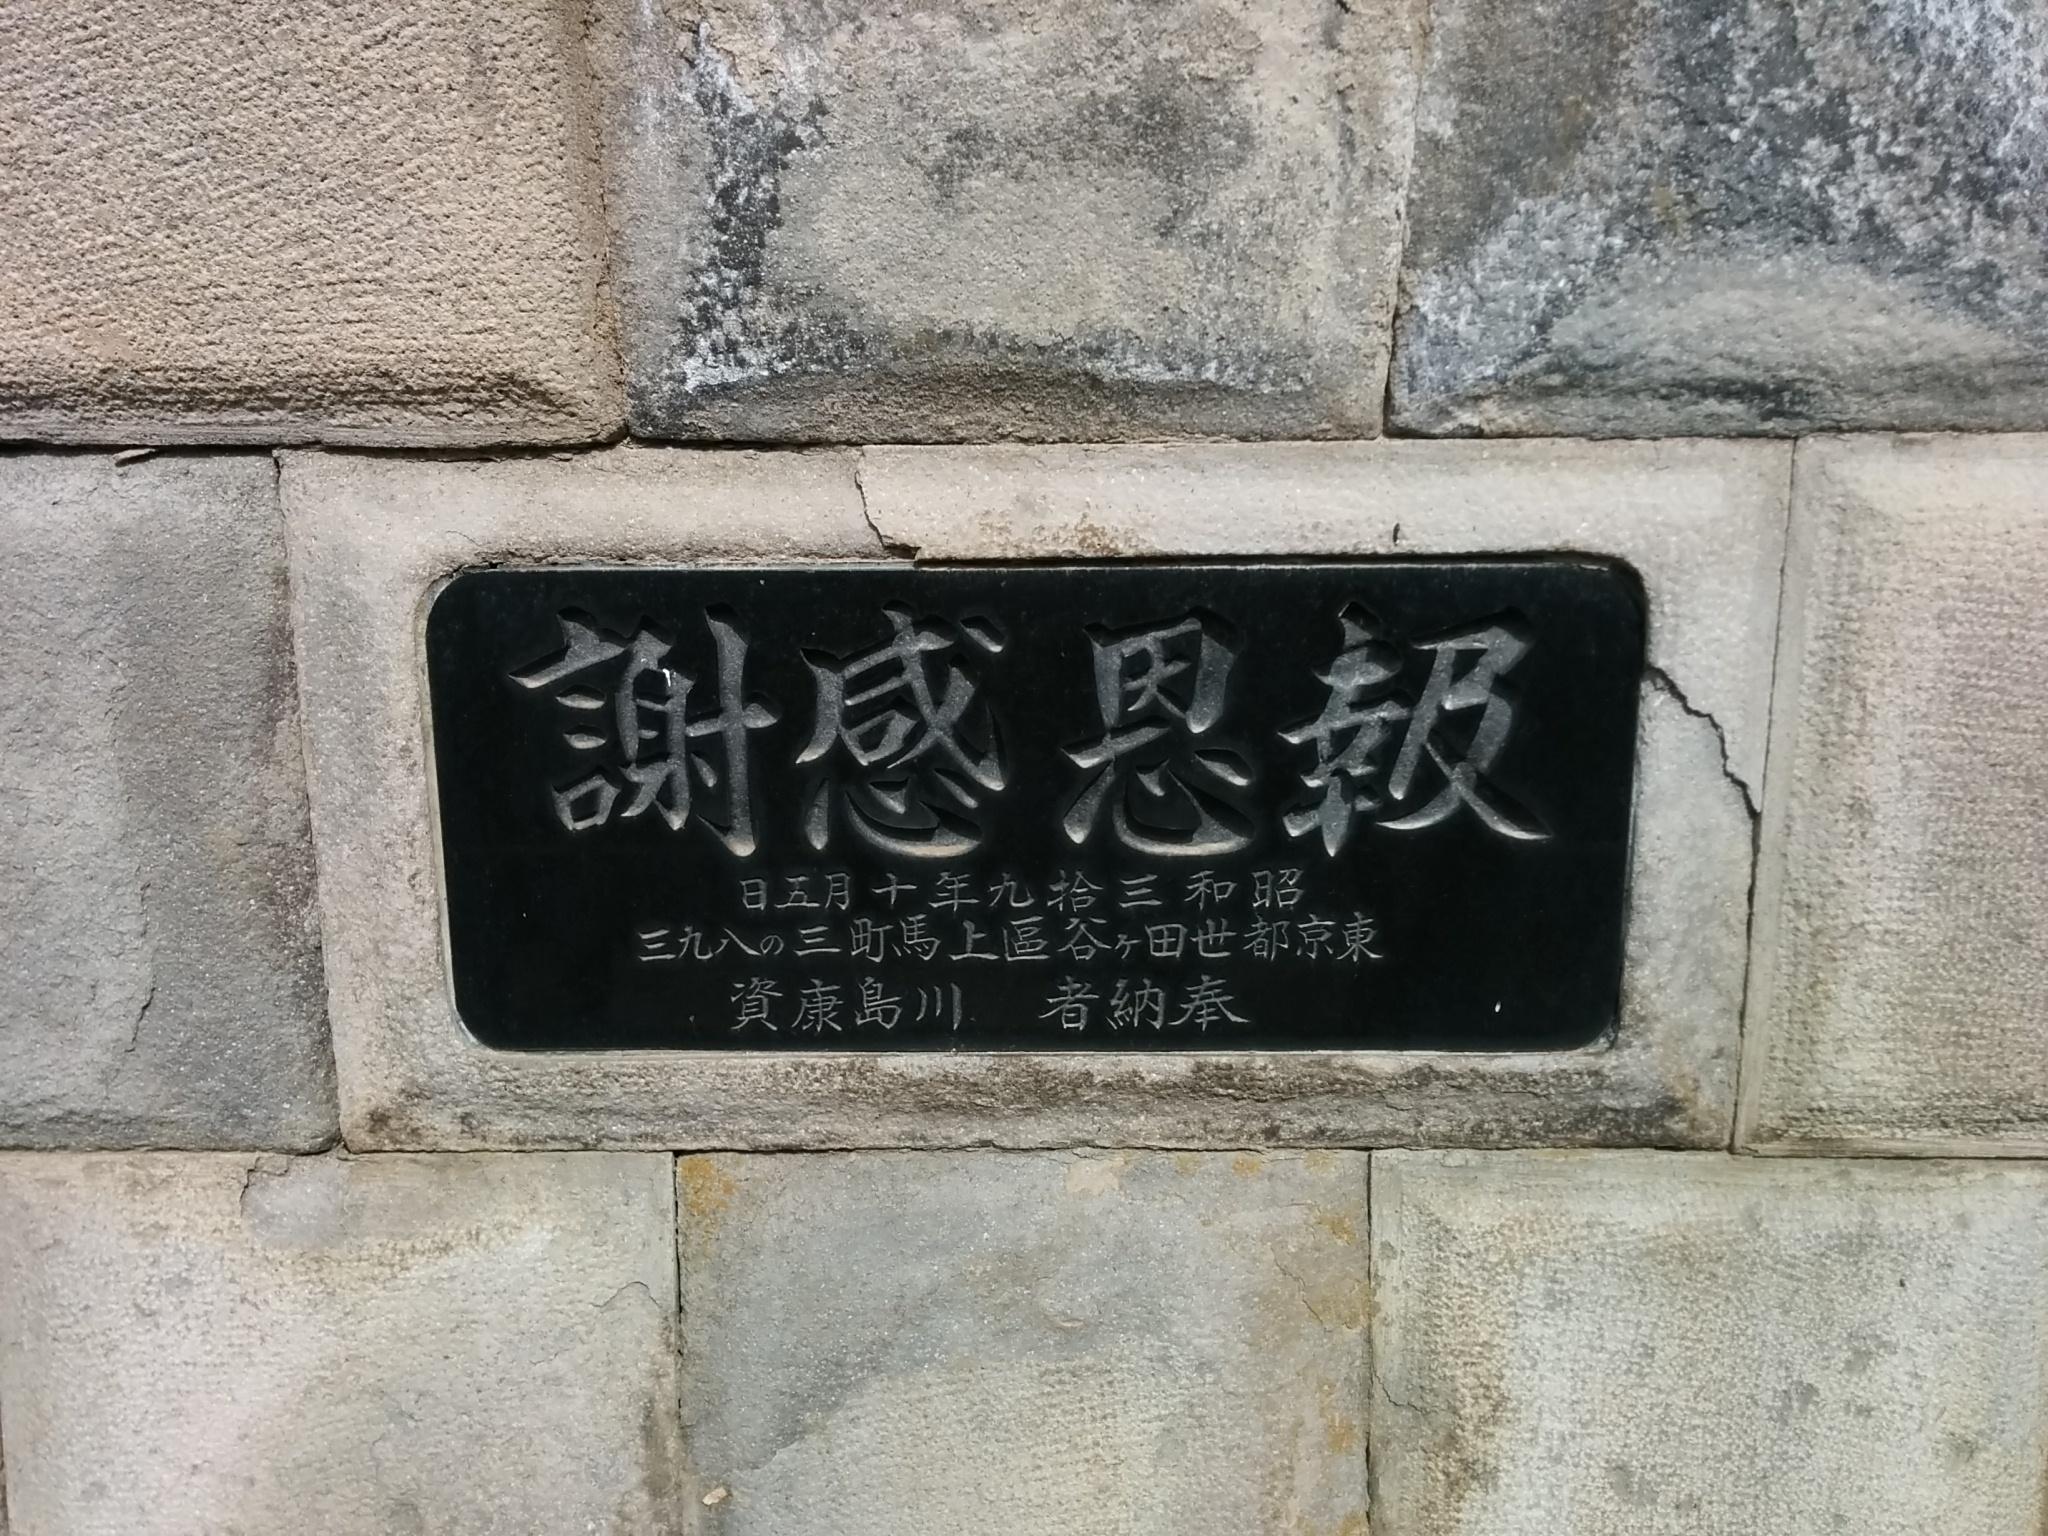 #渋谷氷川神社その2(川島康資氏レリーフ吸江寺鐘楼)